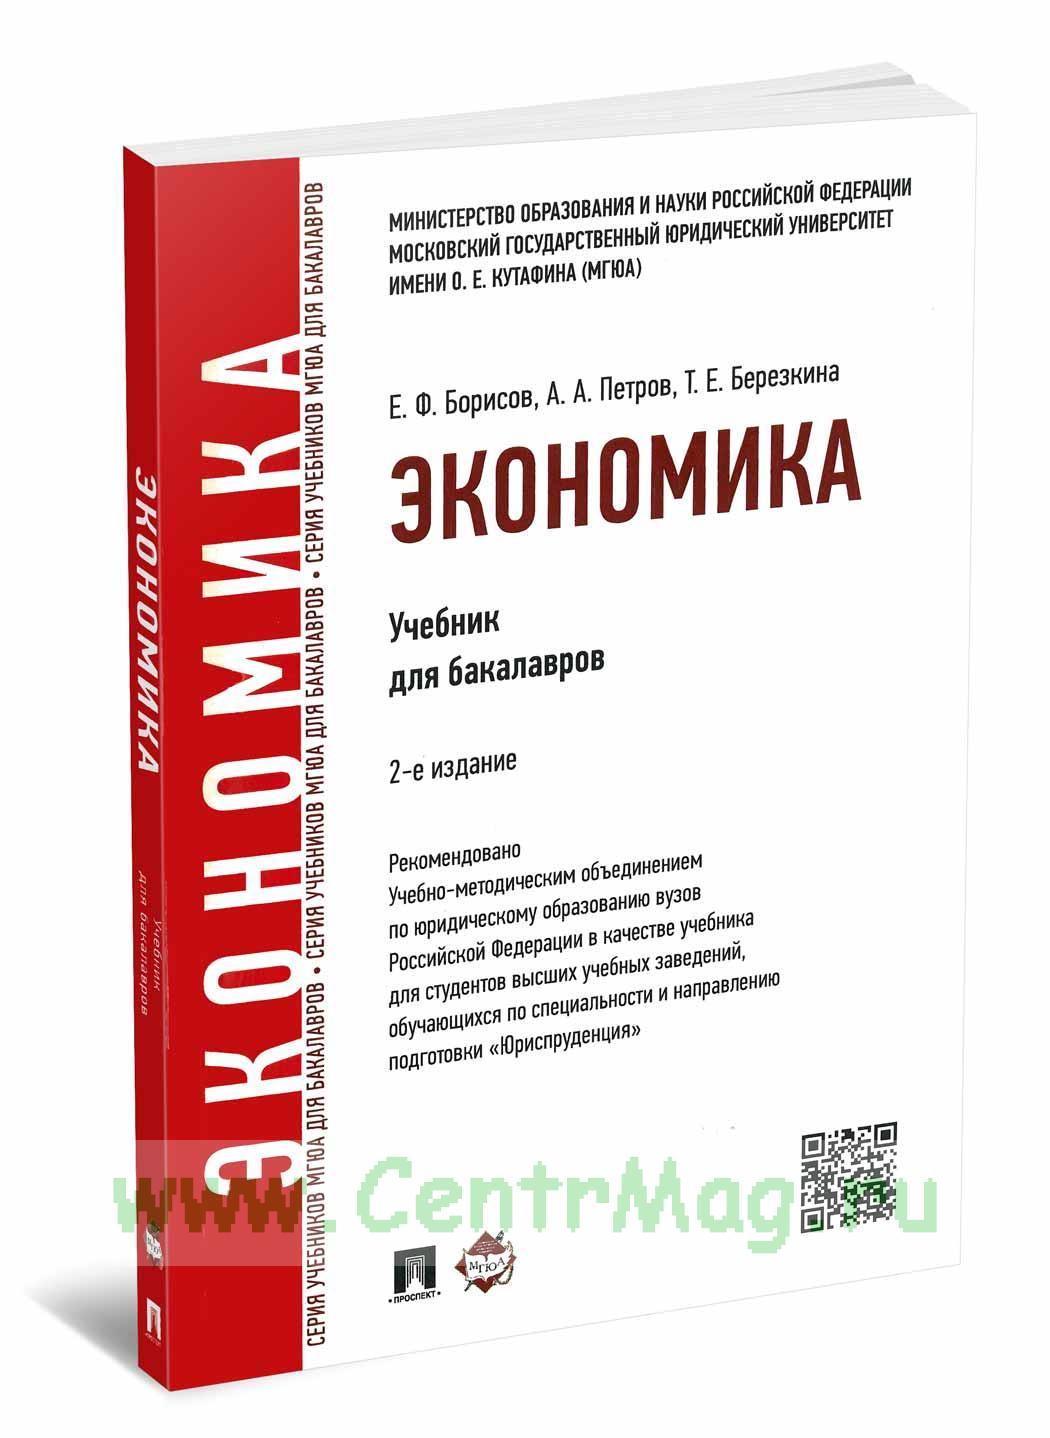 Экономика: учебник для бакалавров (2-е издание, переработанное и дополненное)